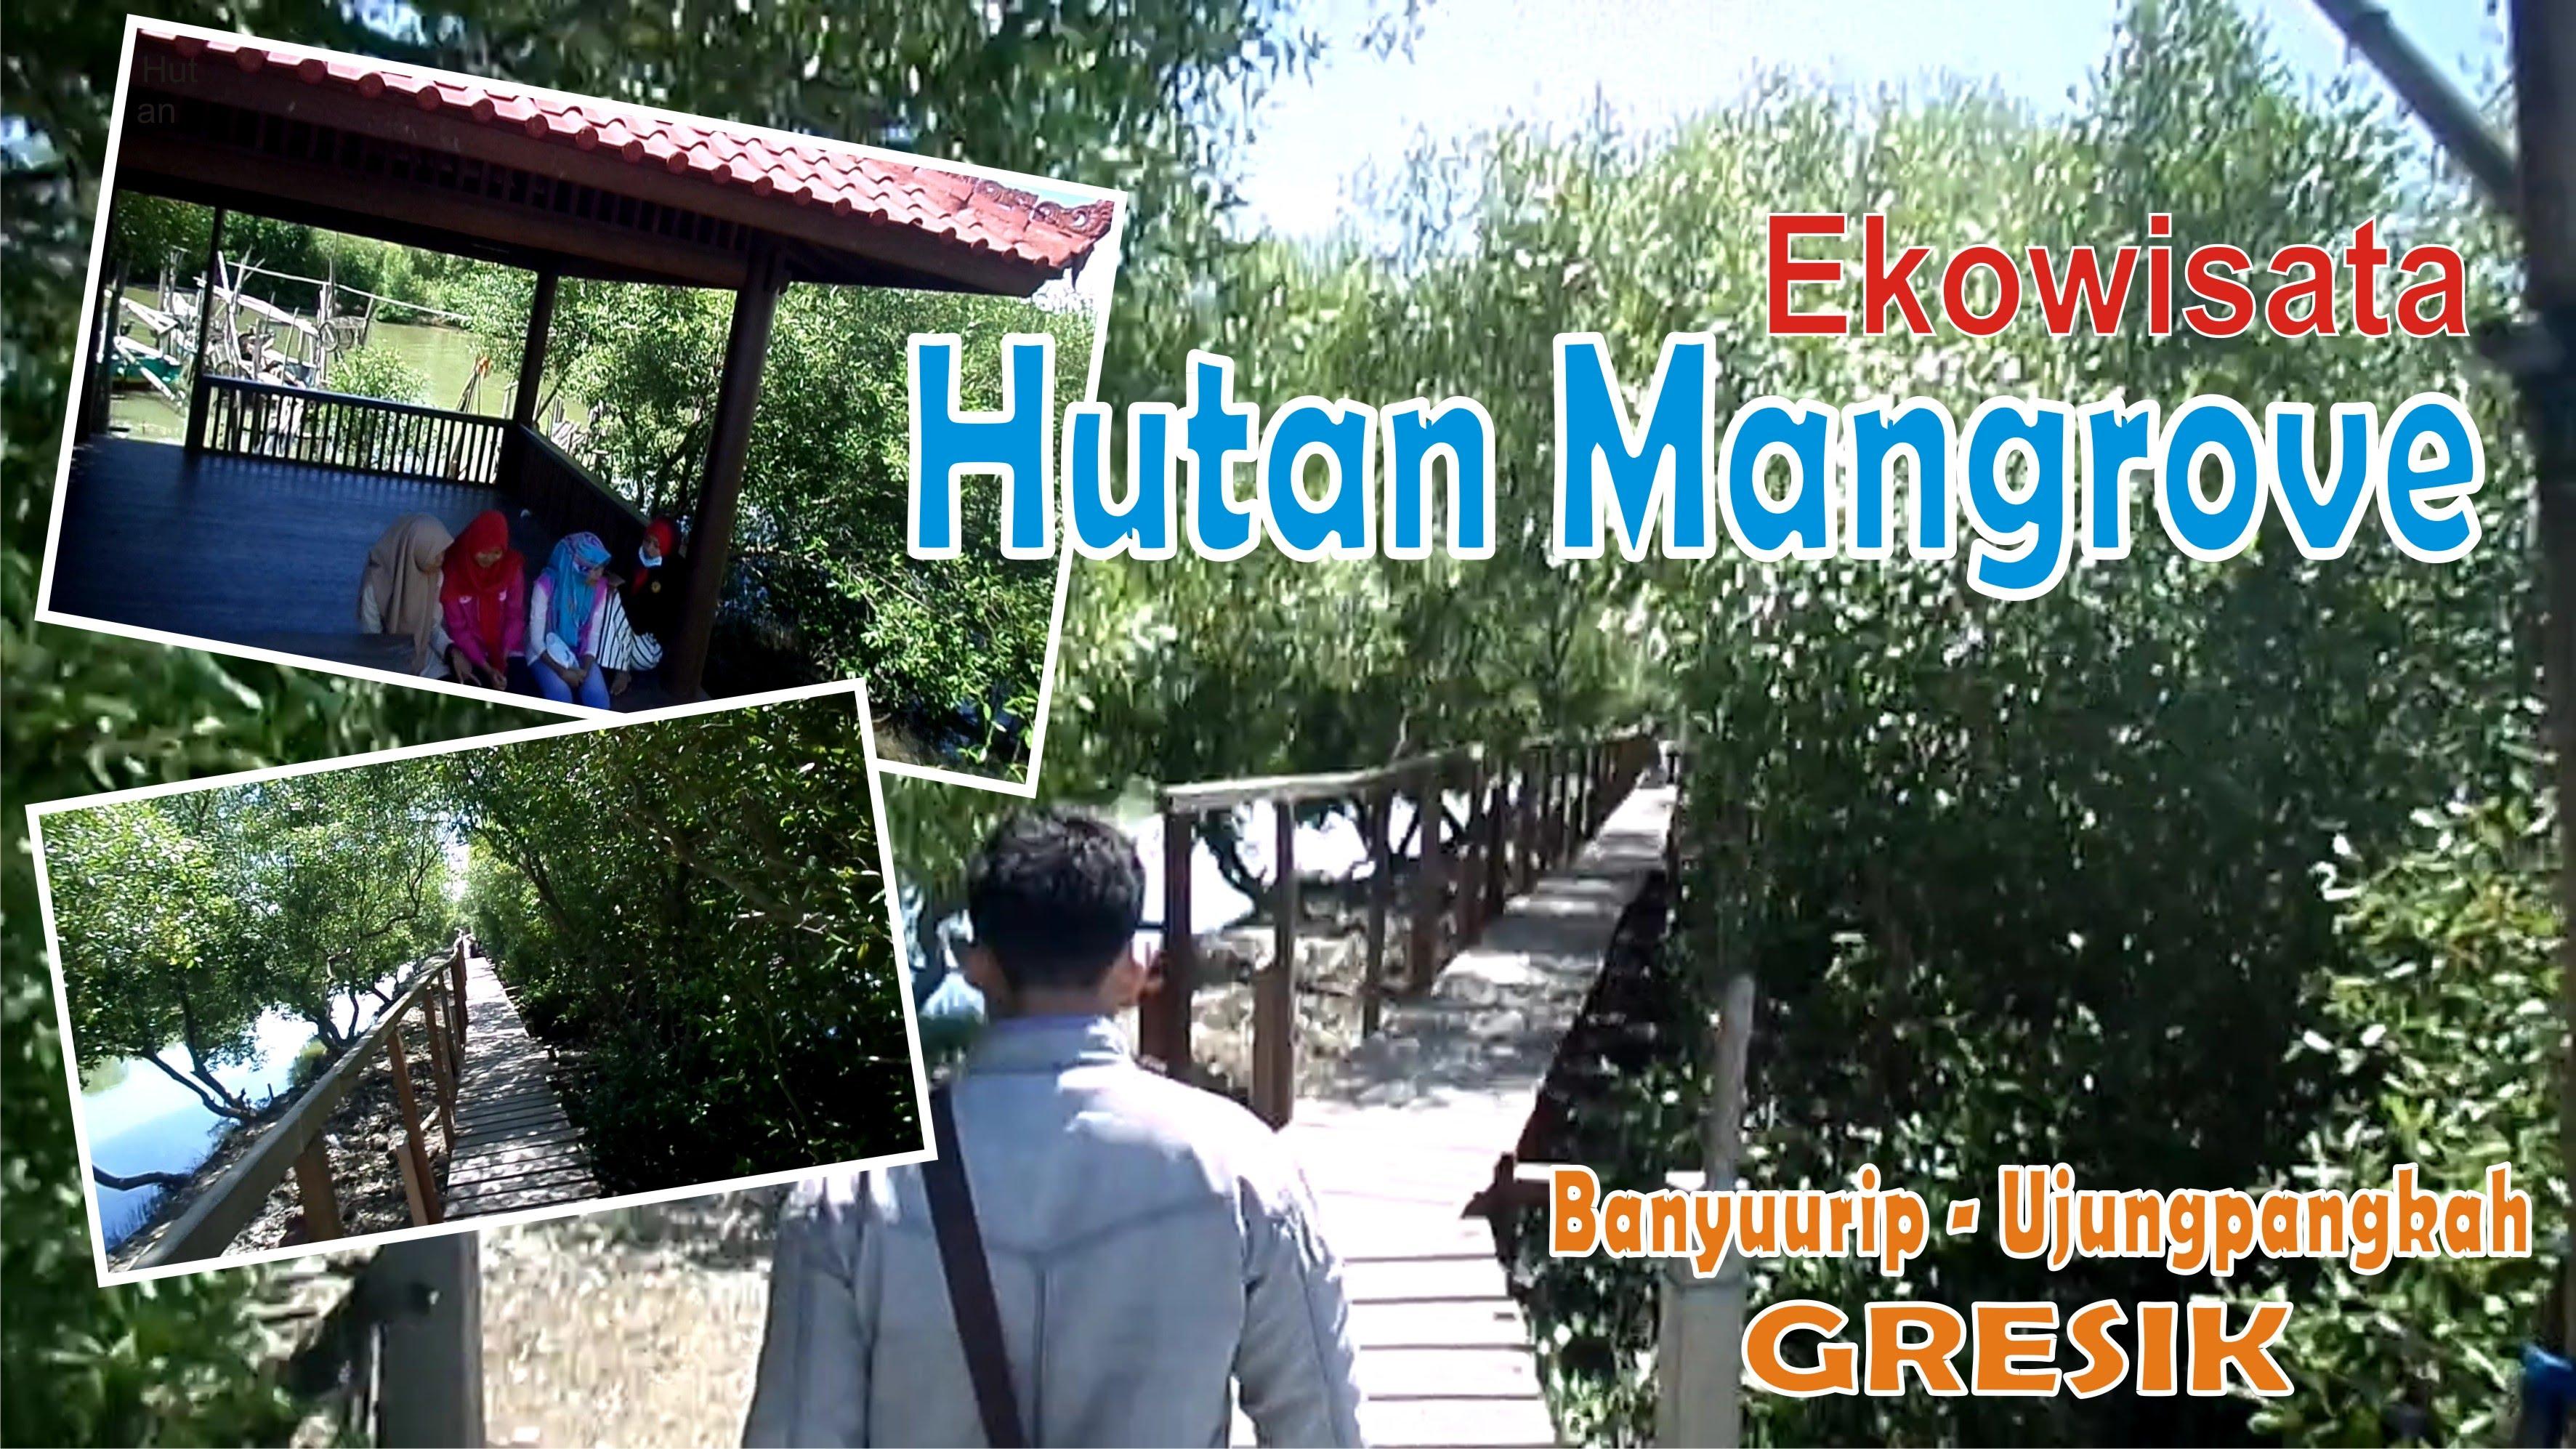 Wisata Mangrove Banyuurip Ujungpangkah Gresik Youtube Pusat Kab